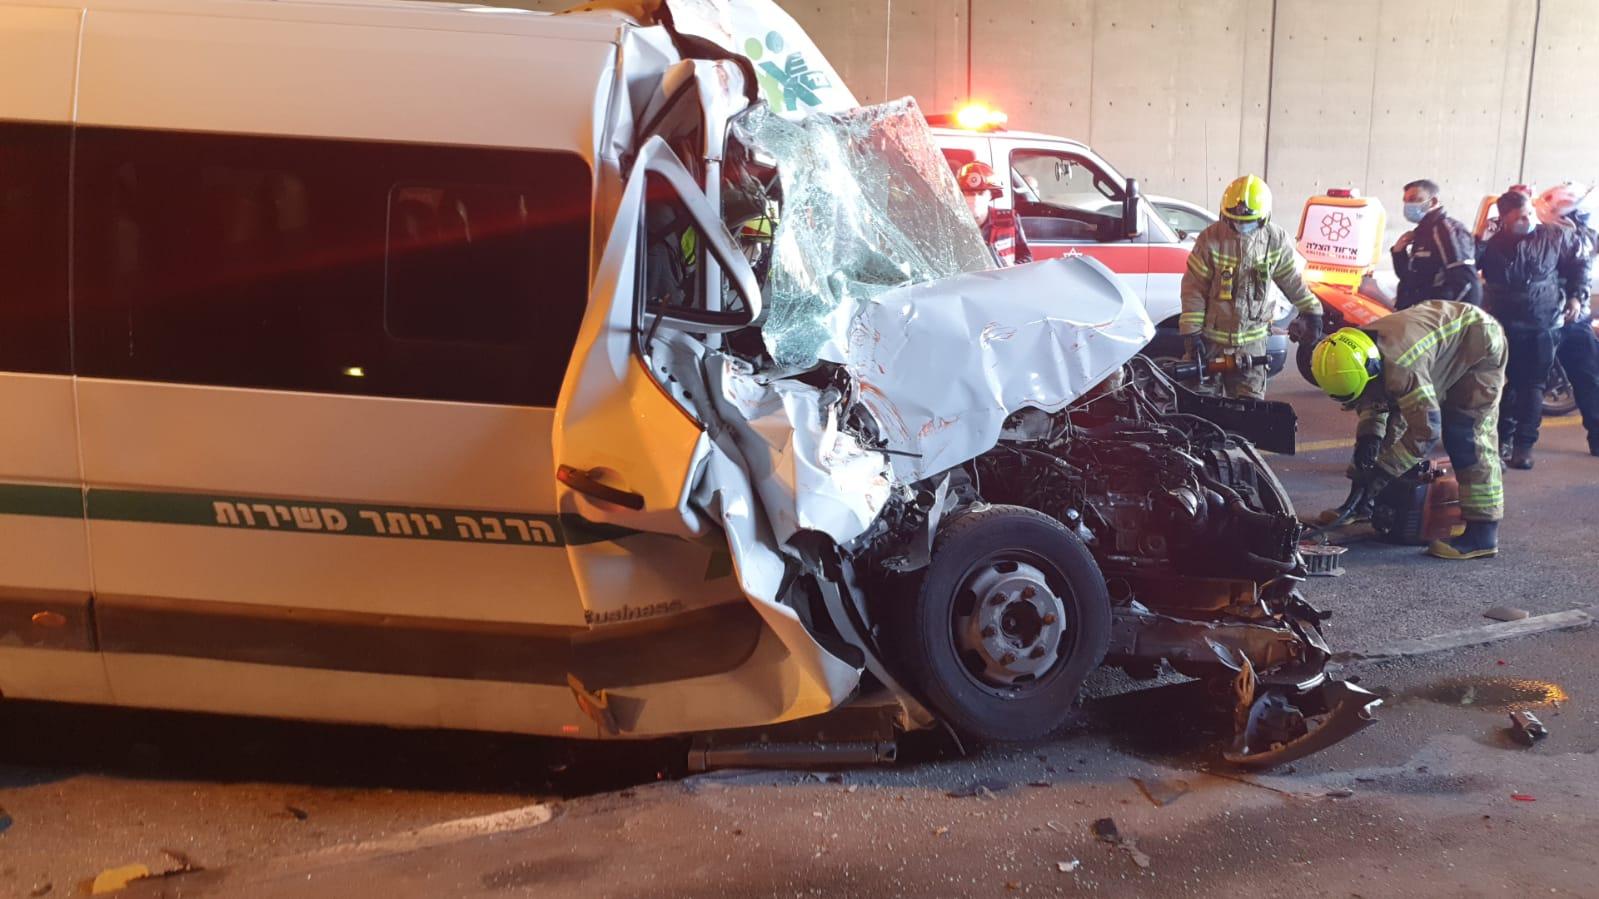 זירת התאונה בכביש בגין (צילום: דוברות איחוד הצלה)